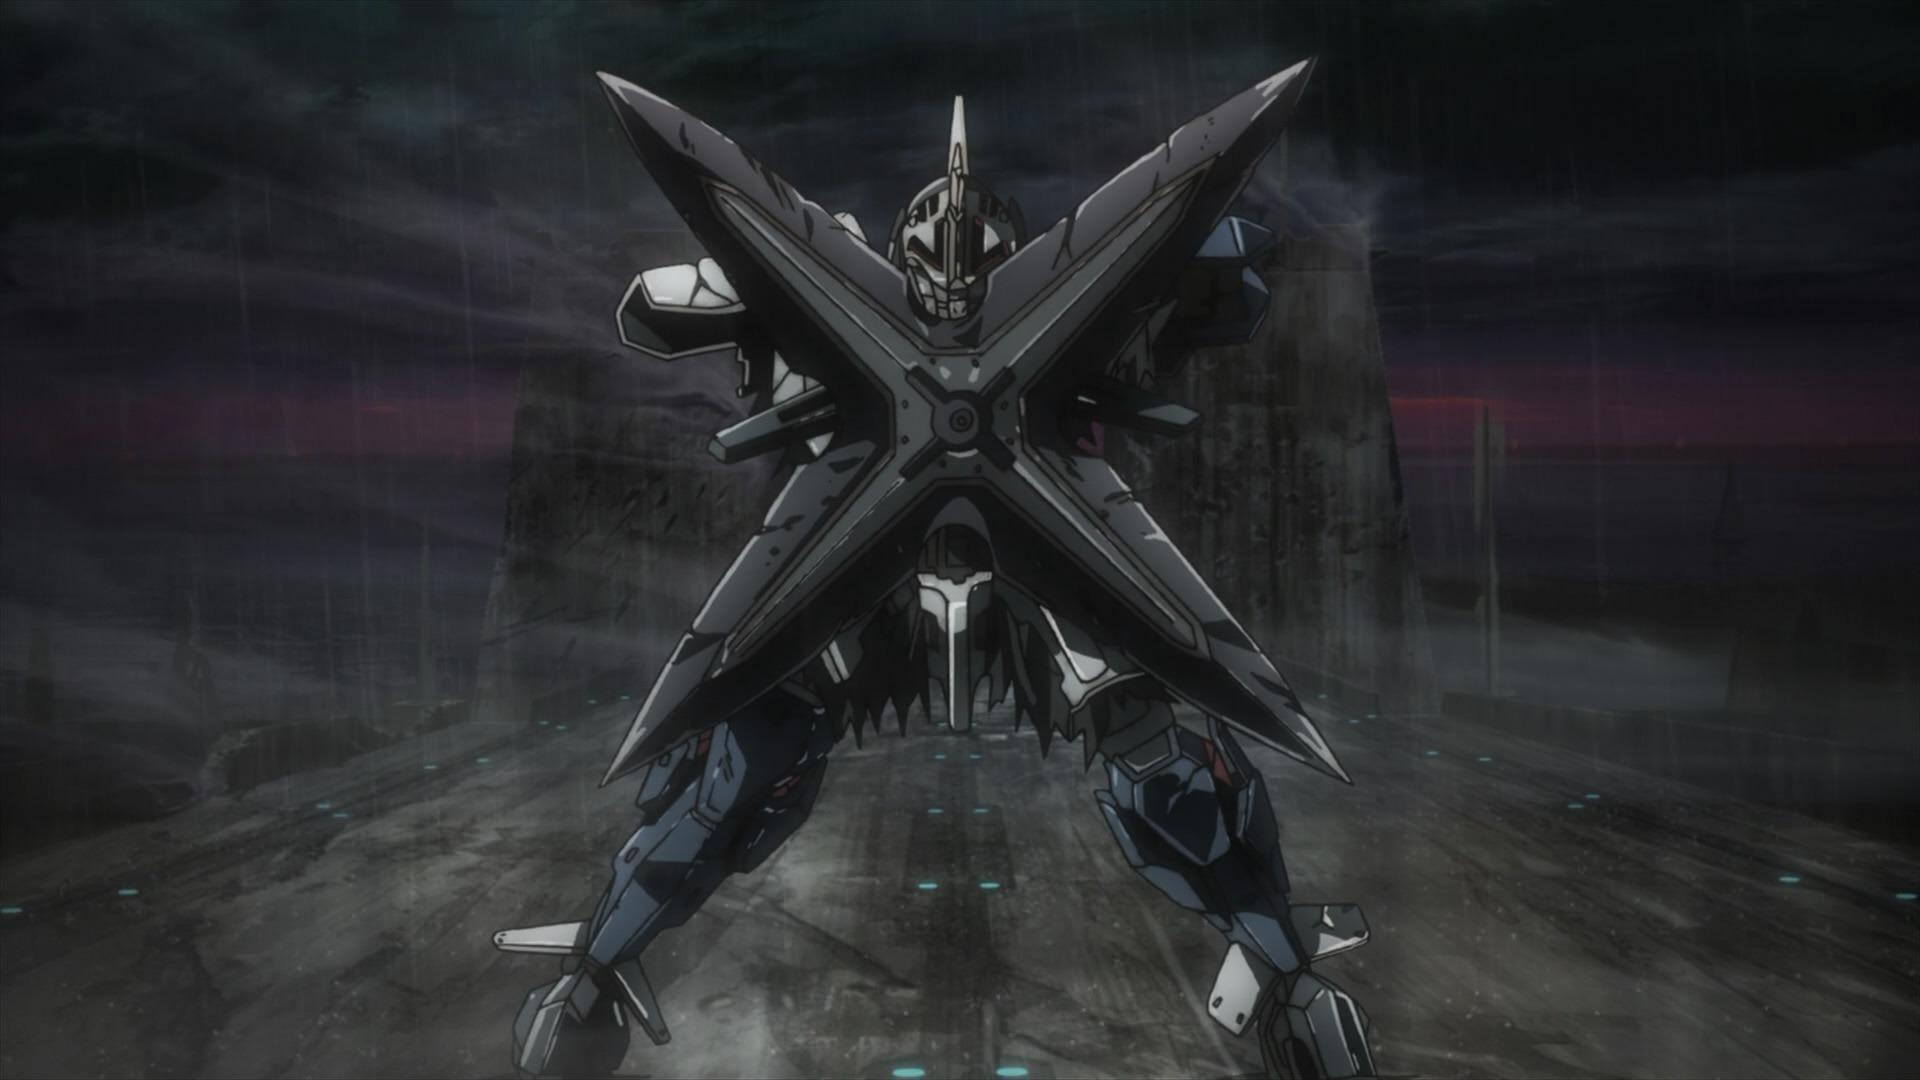 Gundam RX-78 GP03 Dendrobium